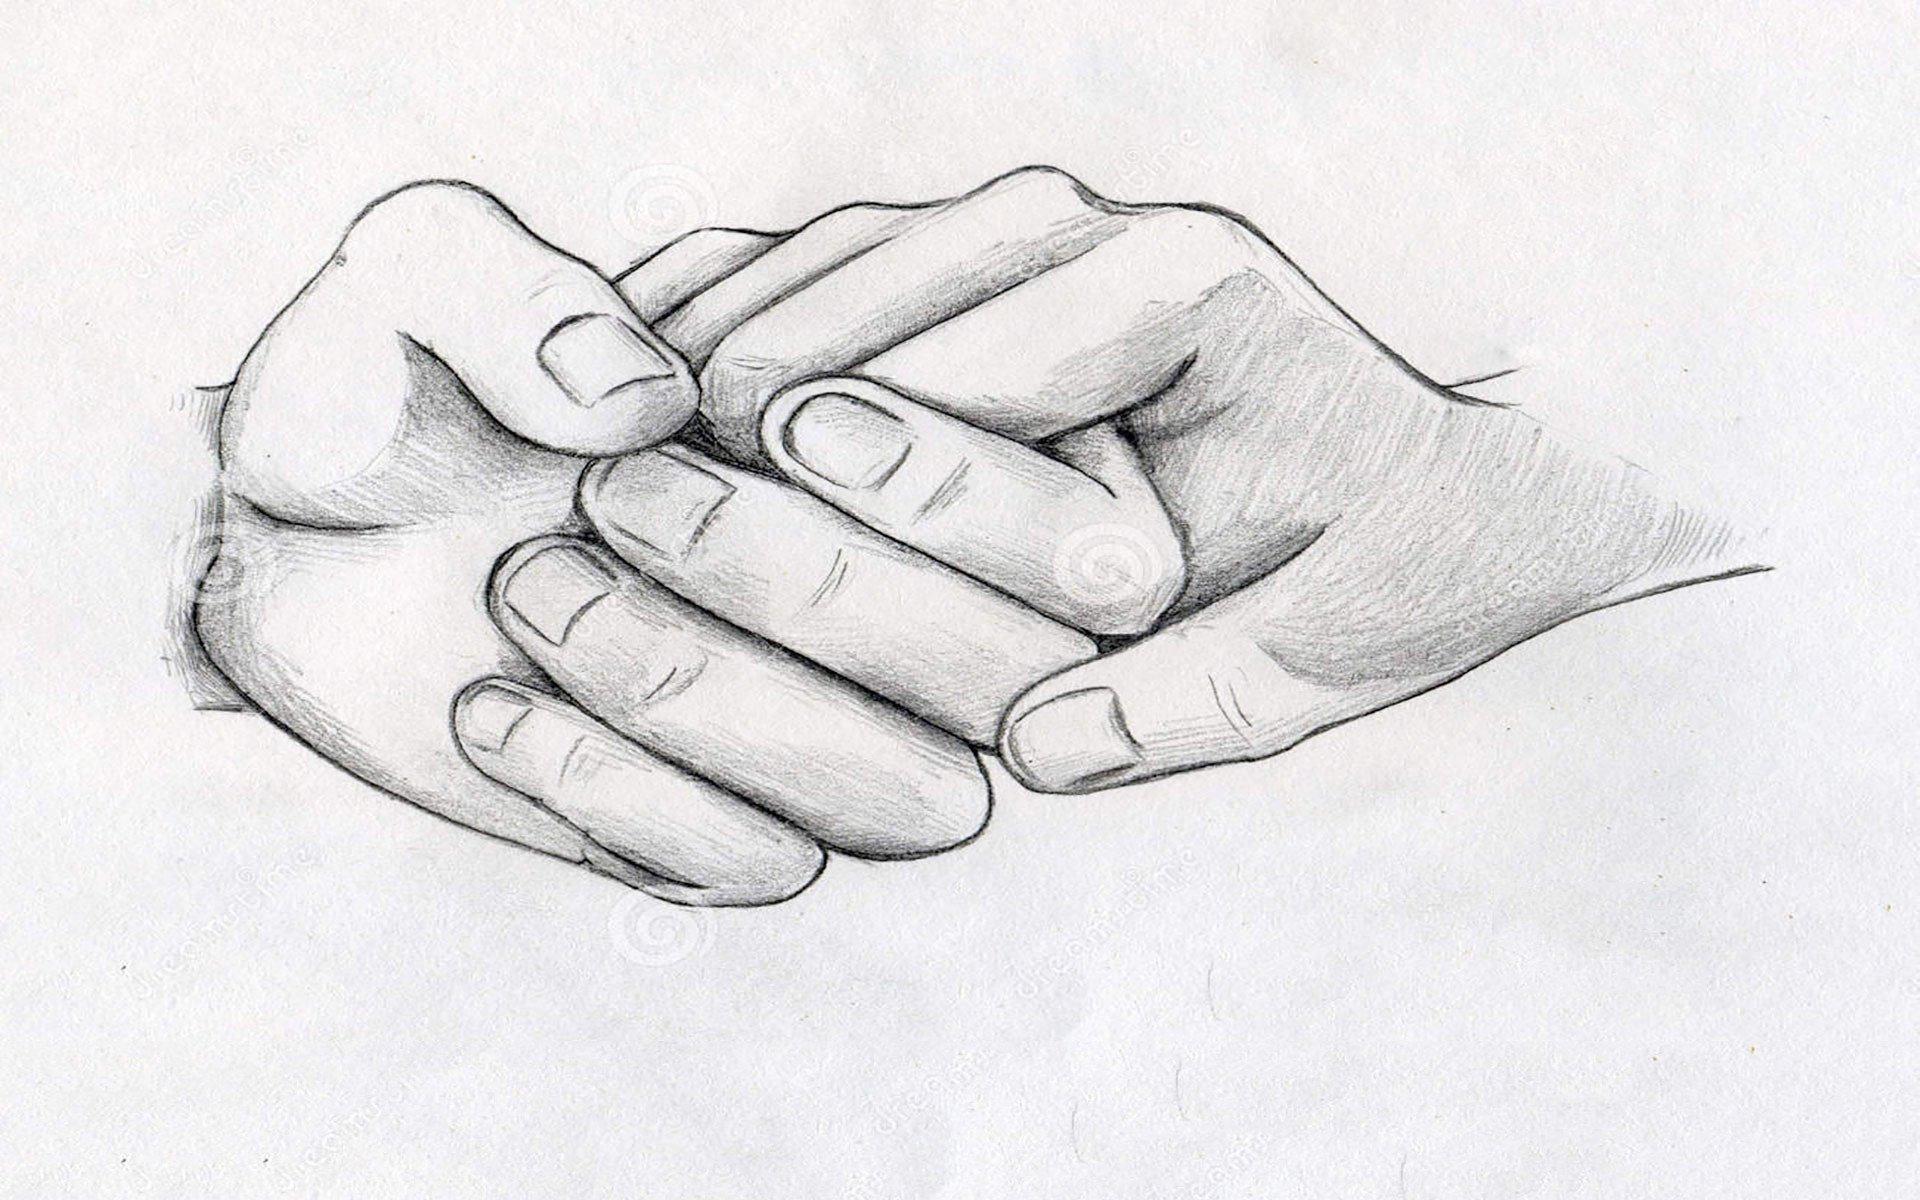 опыт людей, рисунки на тему любви карандашом обстановка